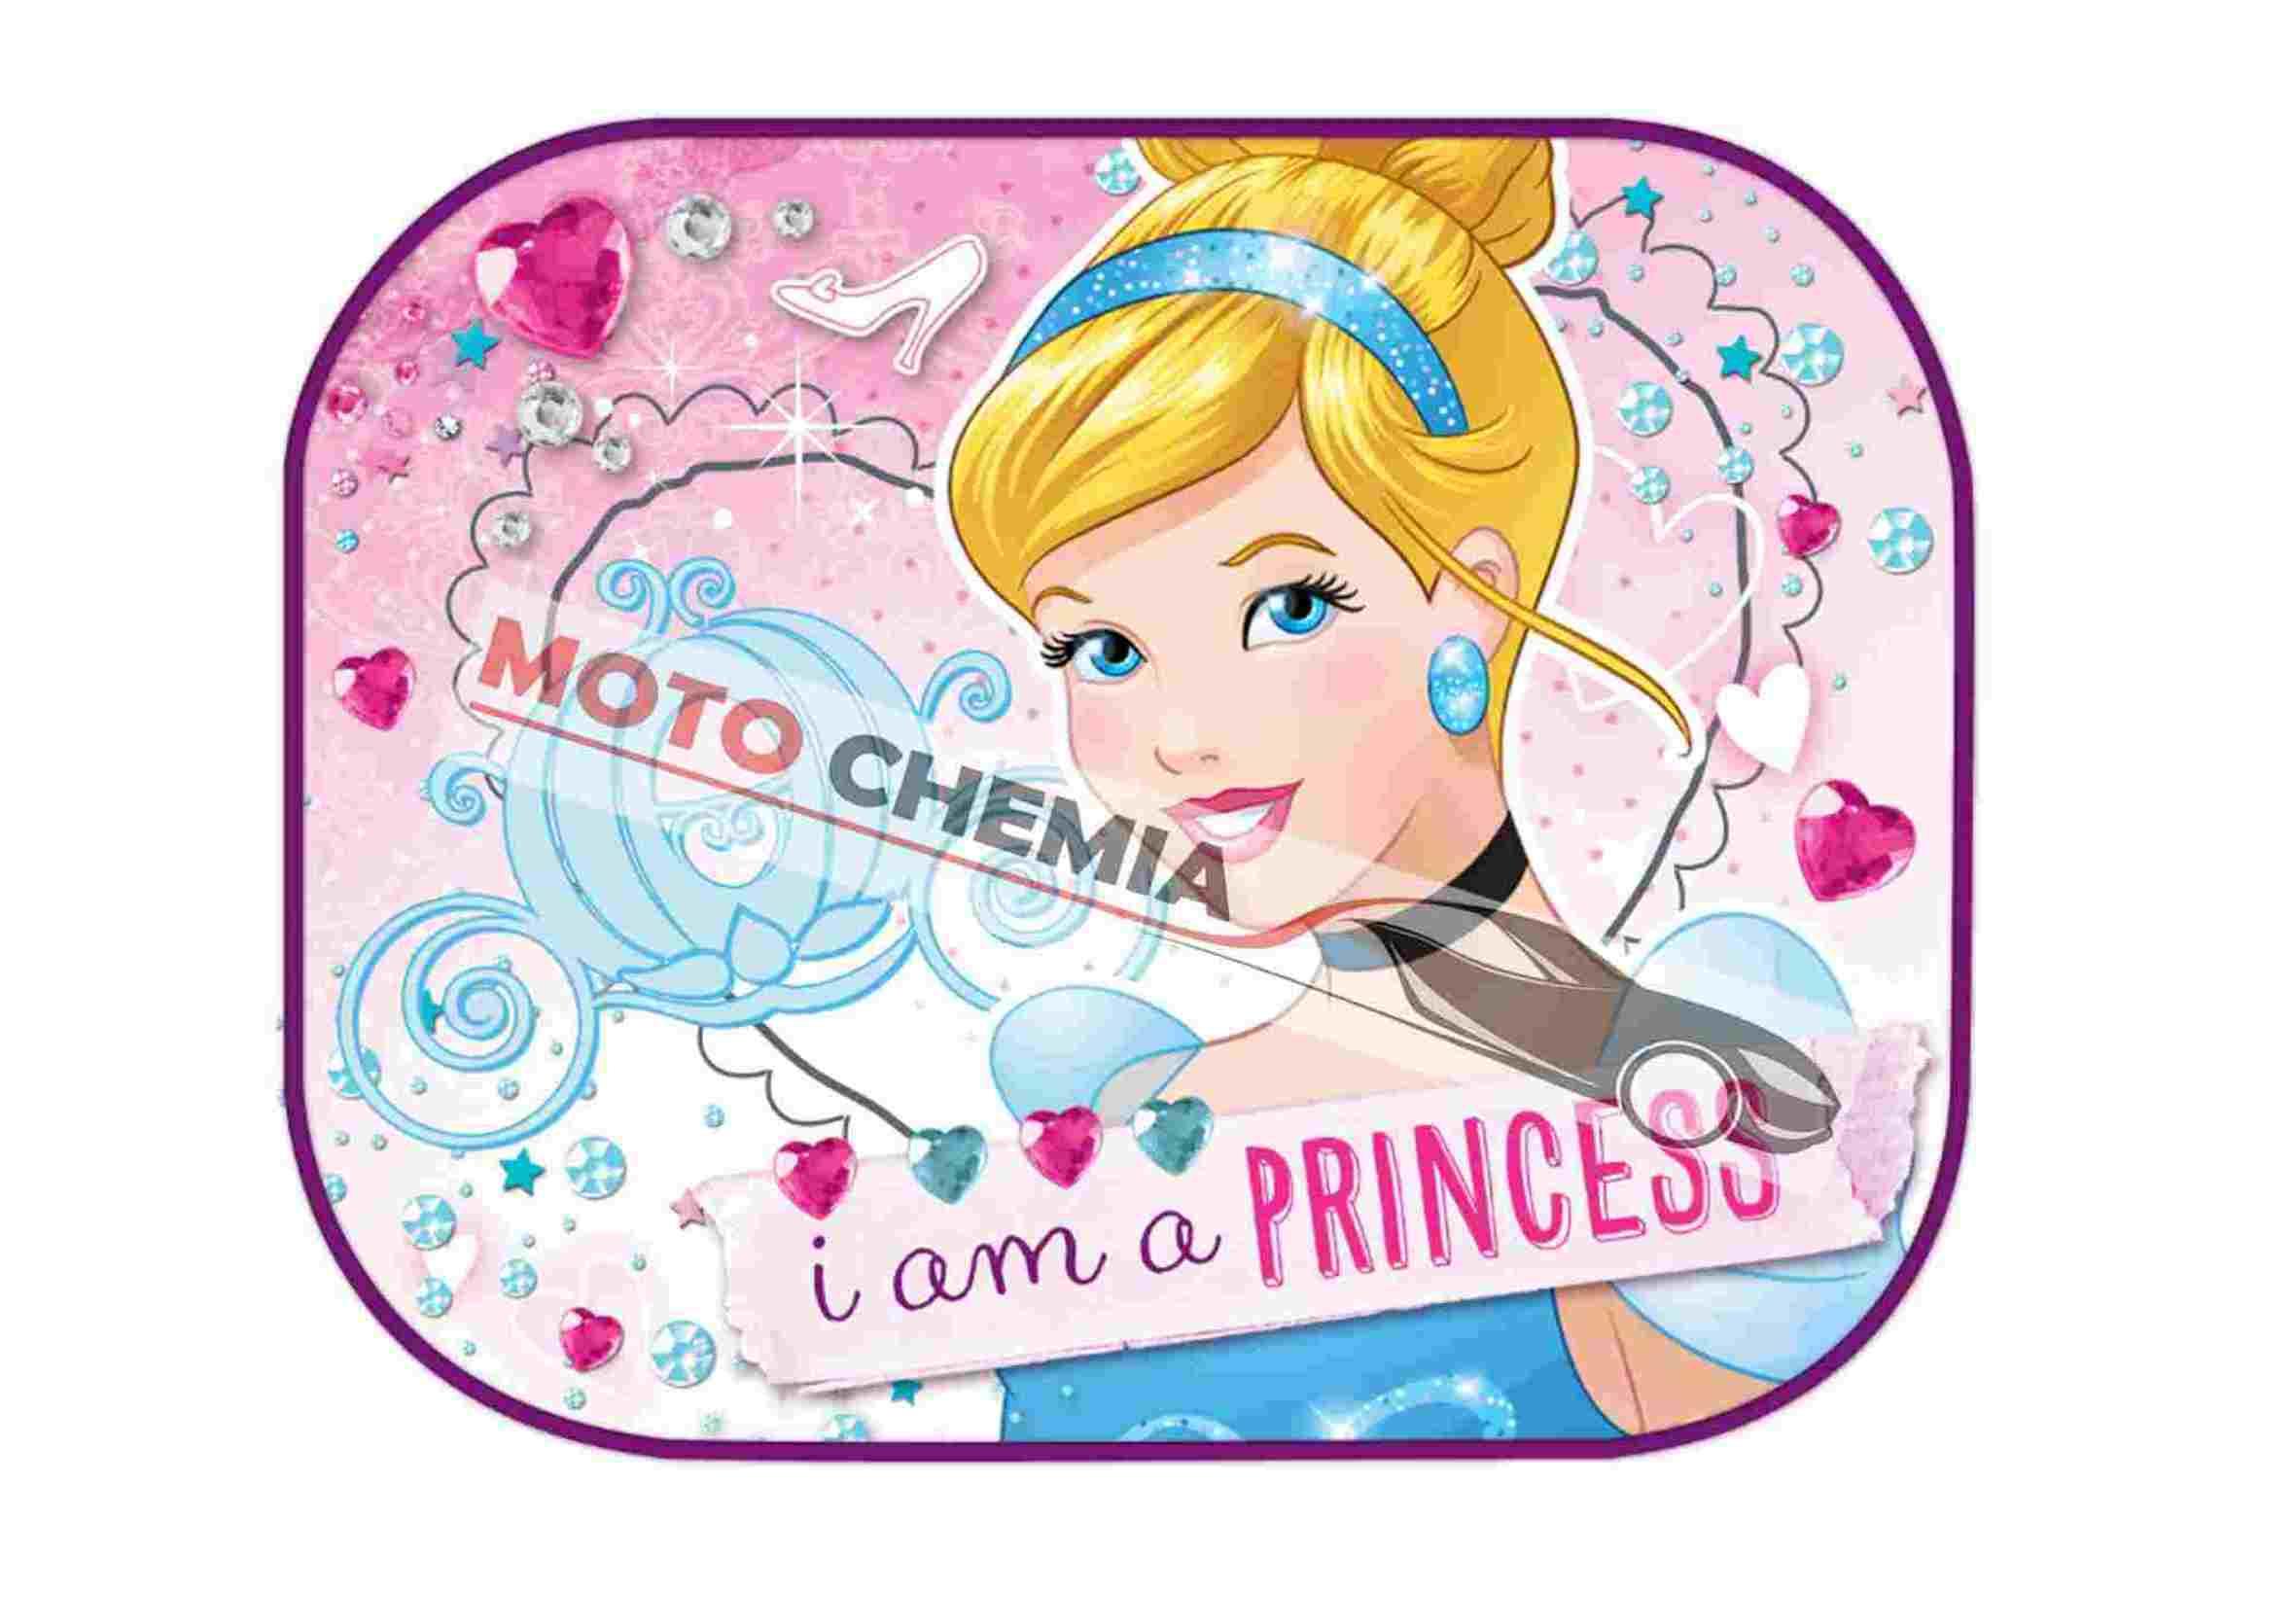 Disney Princess Kopciuszek Zasłonki Przeciwsłoneczne na Przyssawkę 2szt.